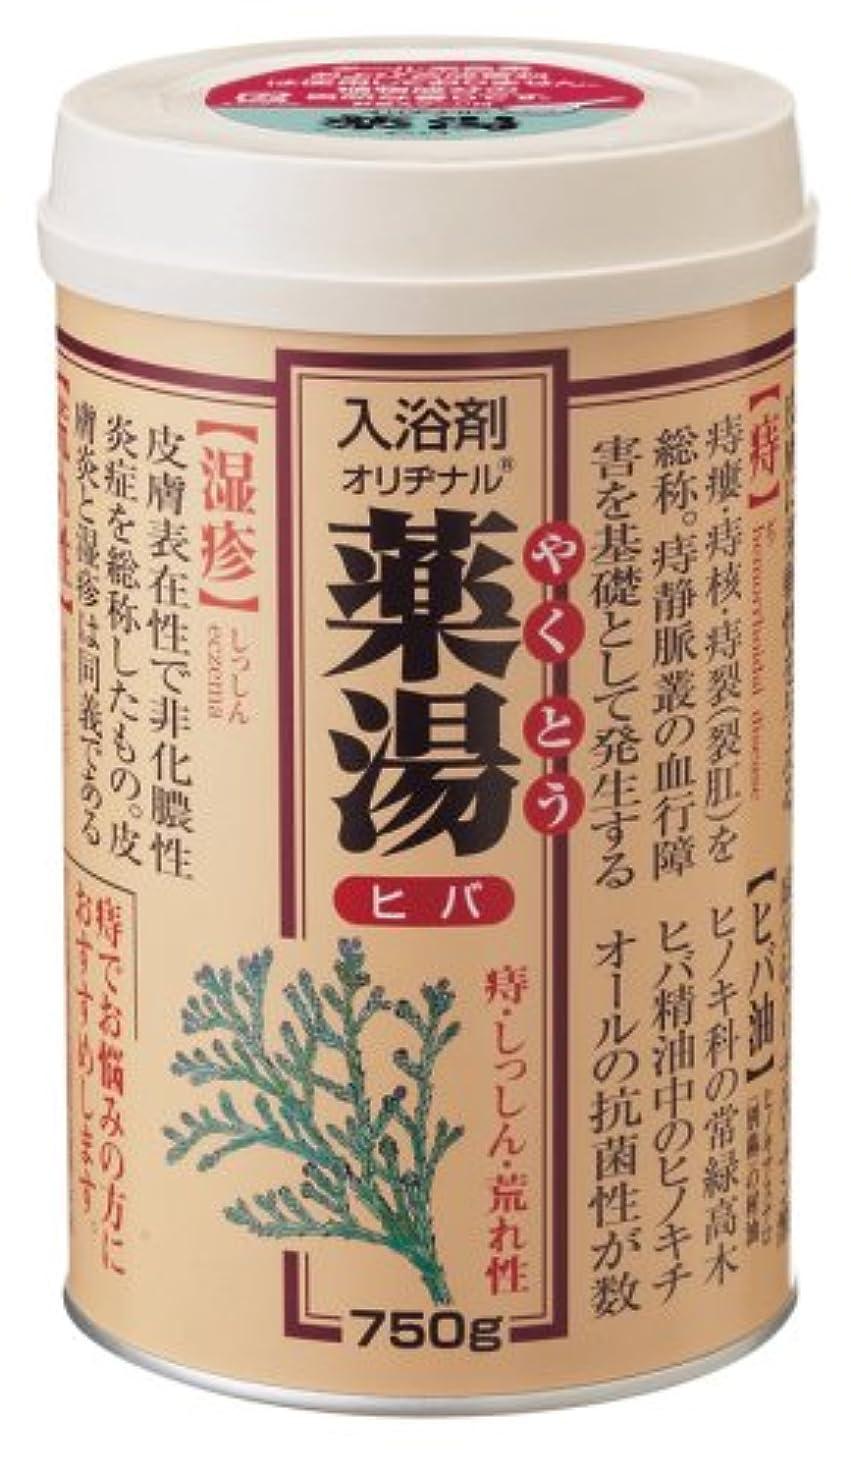 沈黙識別フェンスNEWオリヂナル薬湯 ヒバ 750g [医薬部外品]